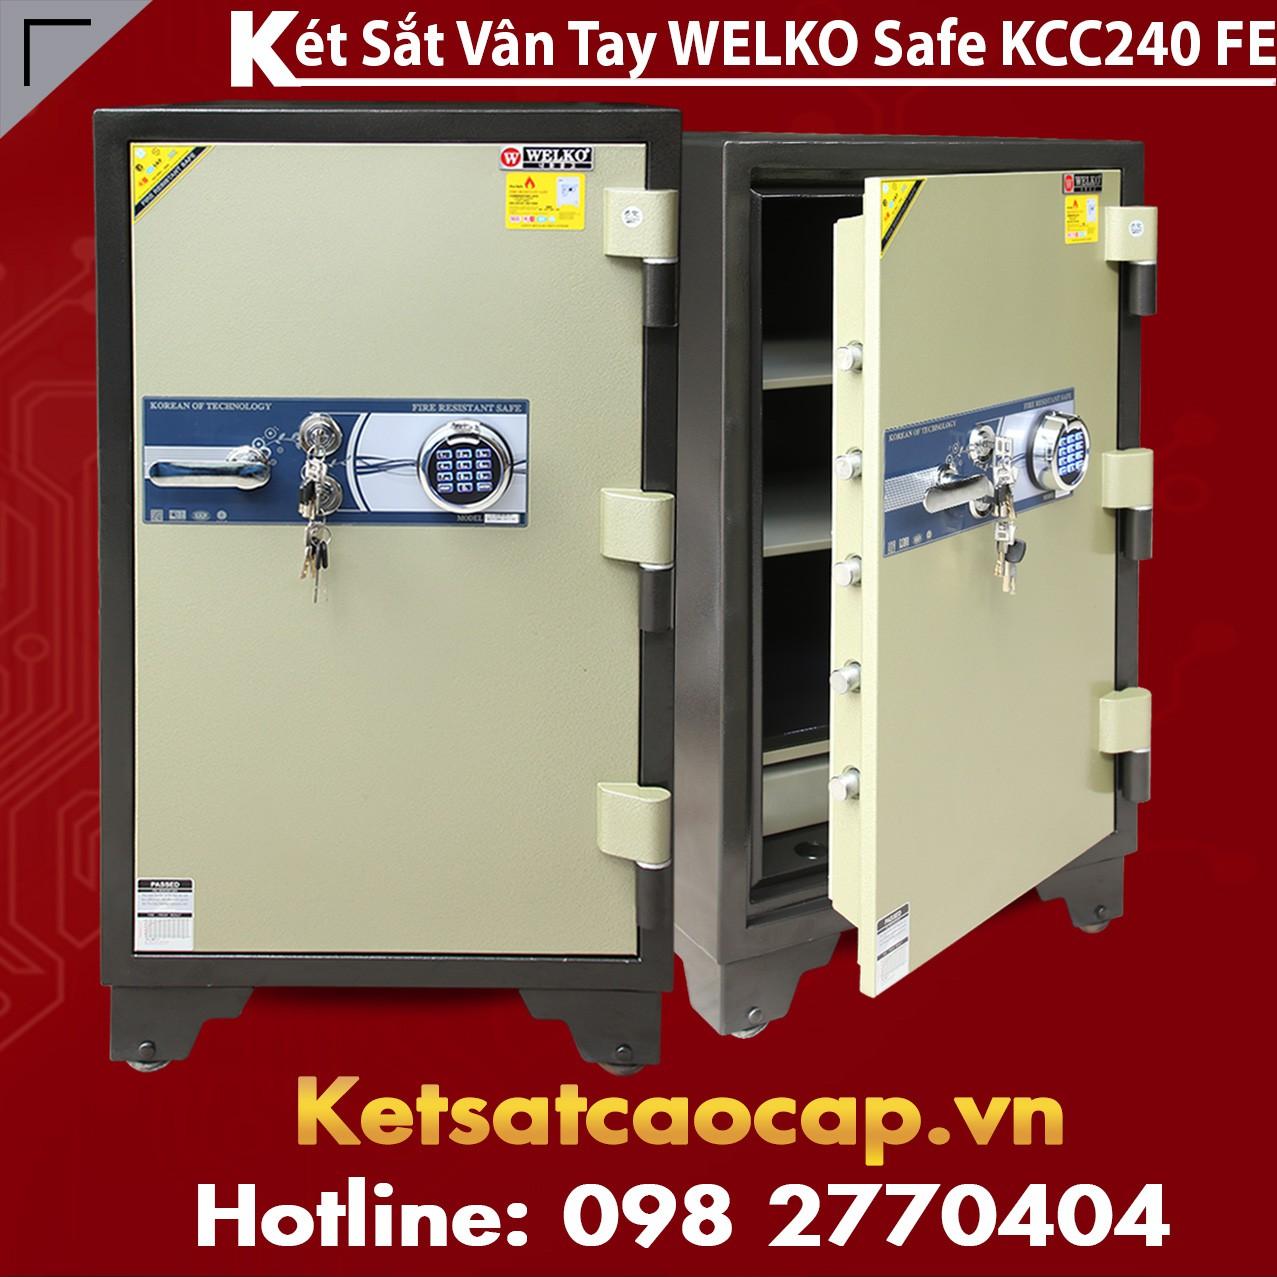 Két Sắt Vân Tay WELKO KCC240 FE